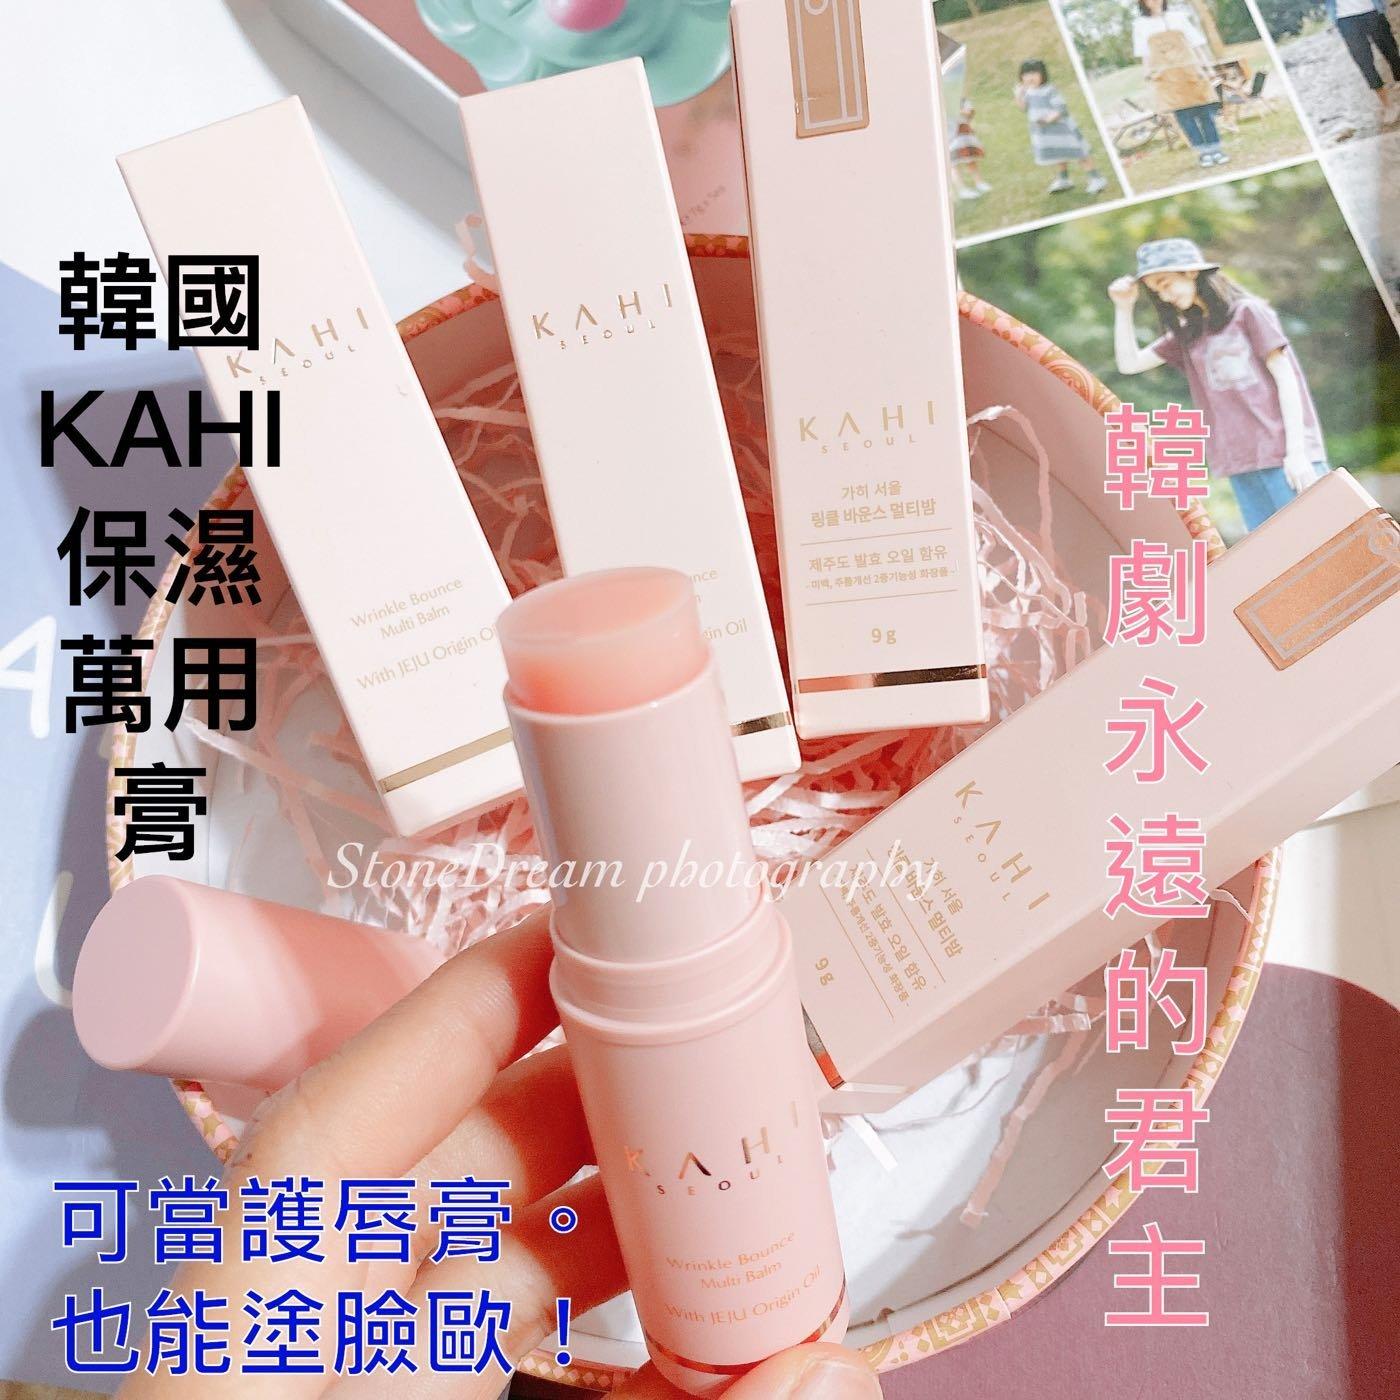 《現貨》??韓國KAHI保濕萬用膏 金高銀代言 The king 永遠的君主 護唇膏 保濕萬用膏 妝前膏